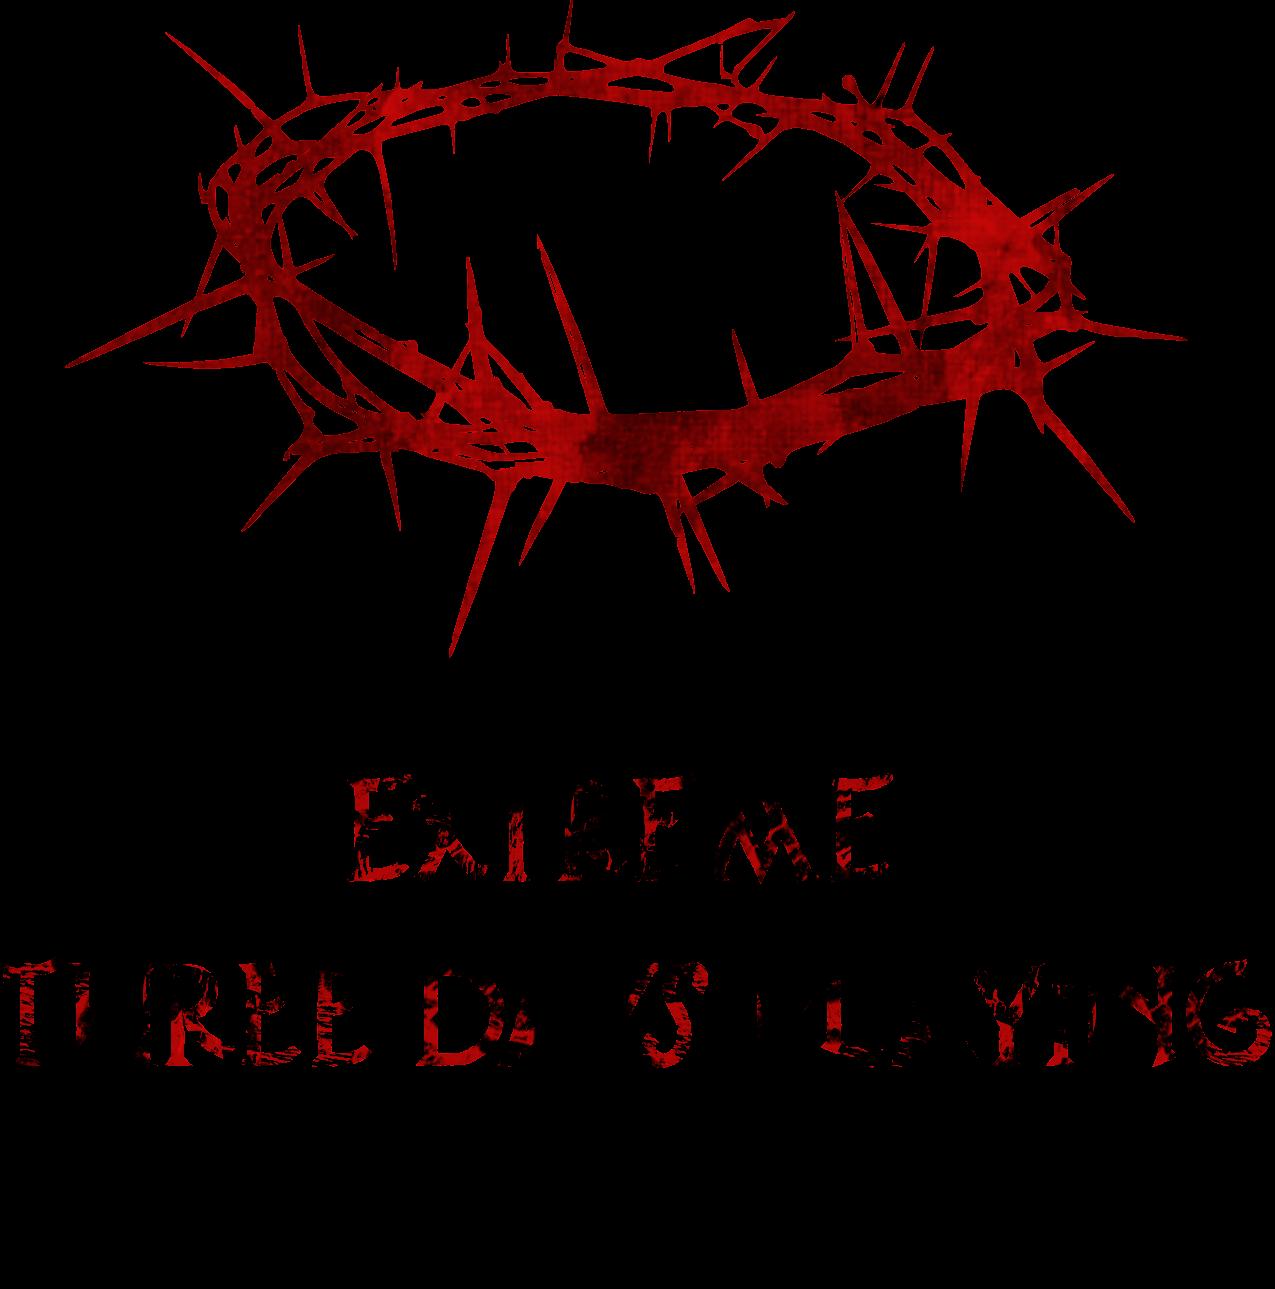 Camiseta Entallada De Cuello Ancho Diseno Gaming Mensaje De Jugador De Conan De Hollowsaibot Mensajes Disenos De Unas Corona De Espinas